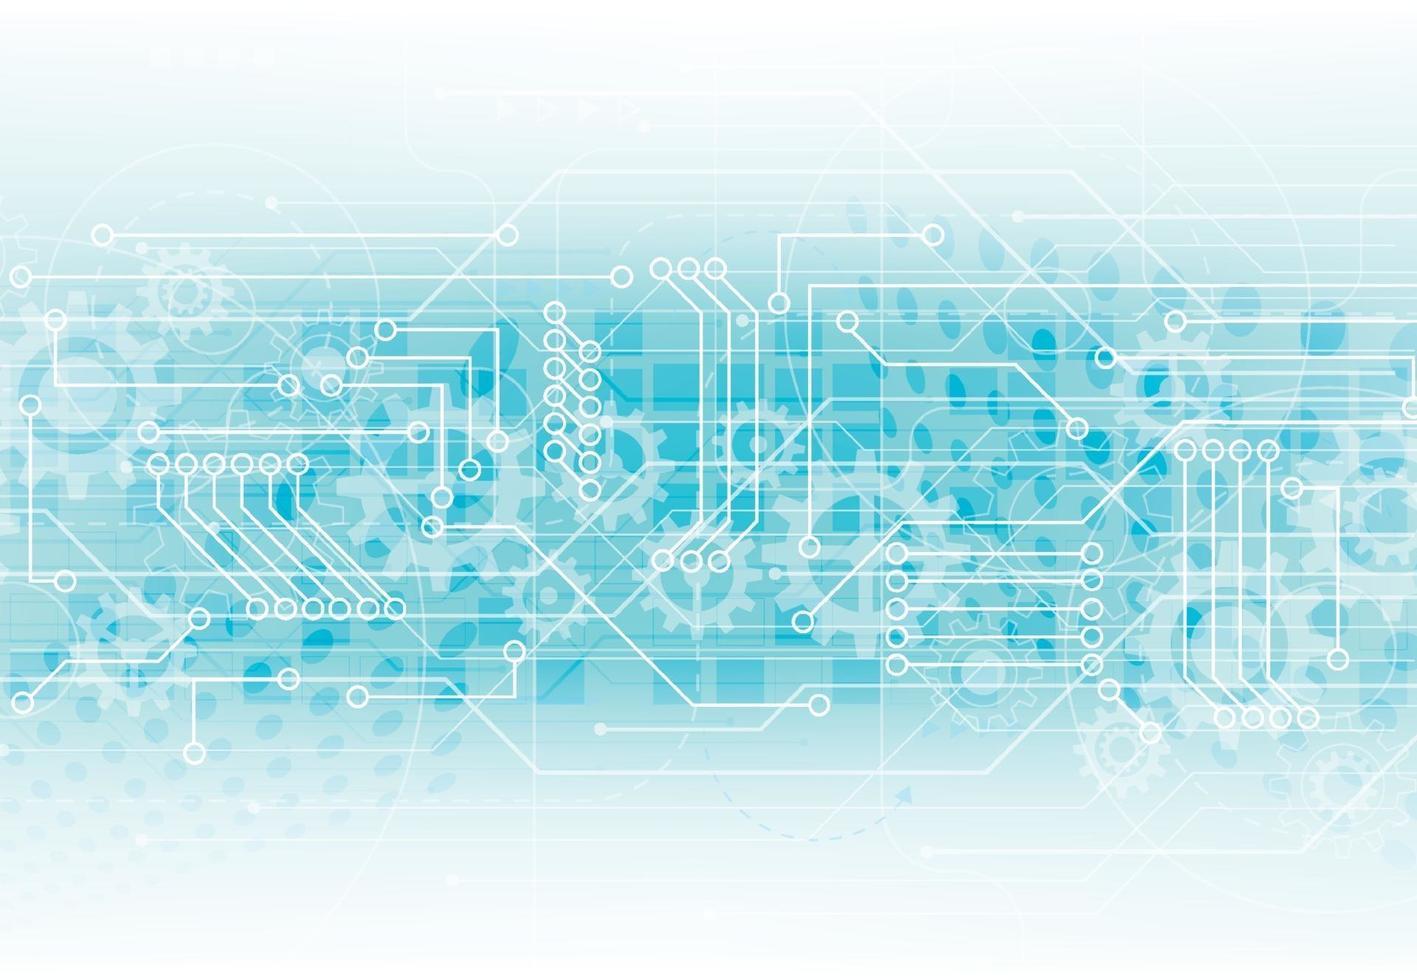 abstracte achtergrond met technologie printplaat textuur. elektronische moederbord illustratie. communicatie- en engineeringconcept. vector illustratie